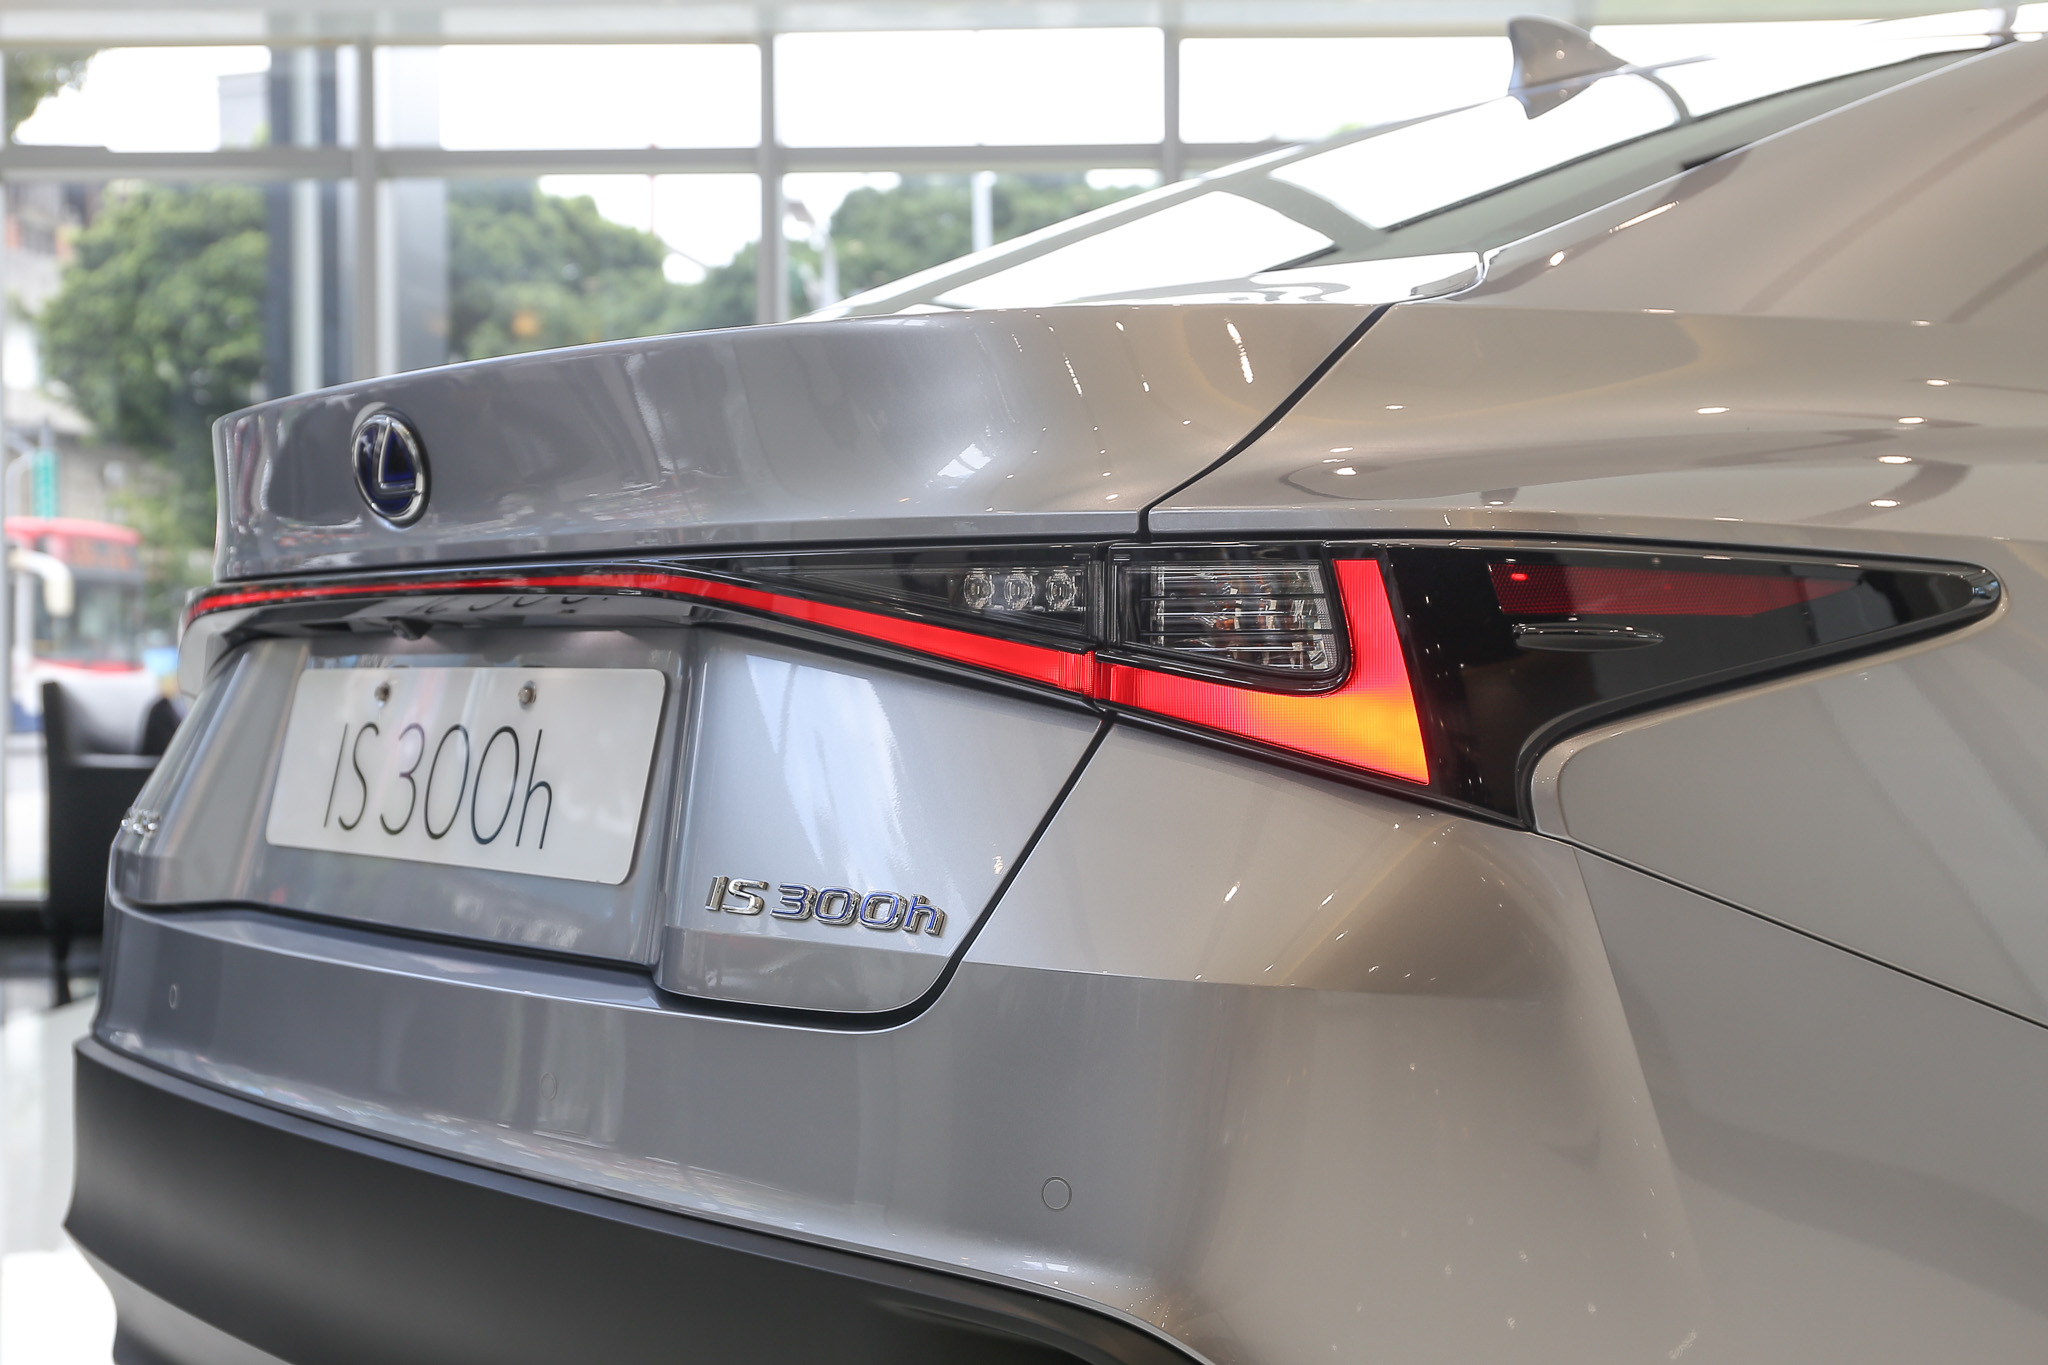 貫穿式 LED 尾燈為最大辨識特色。